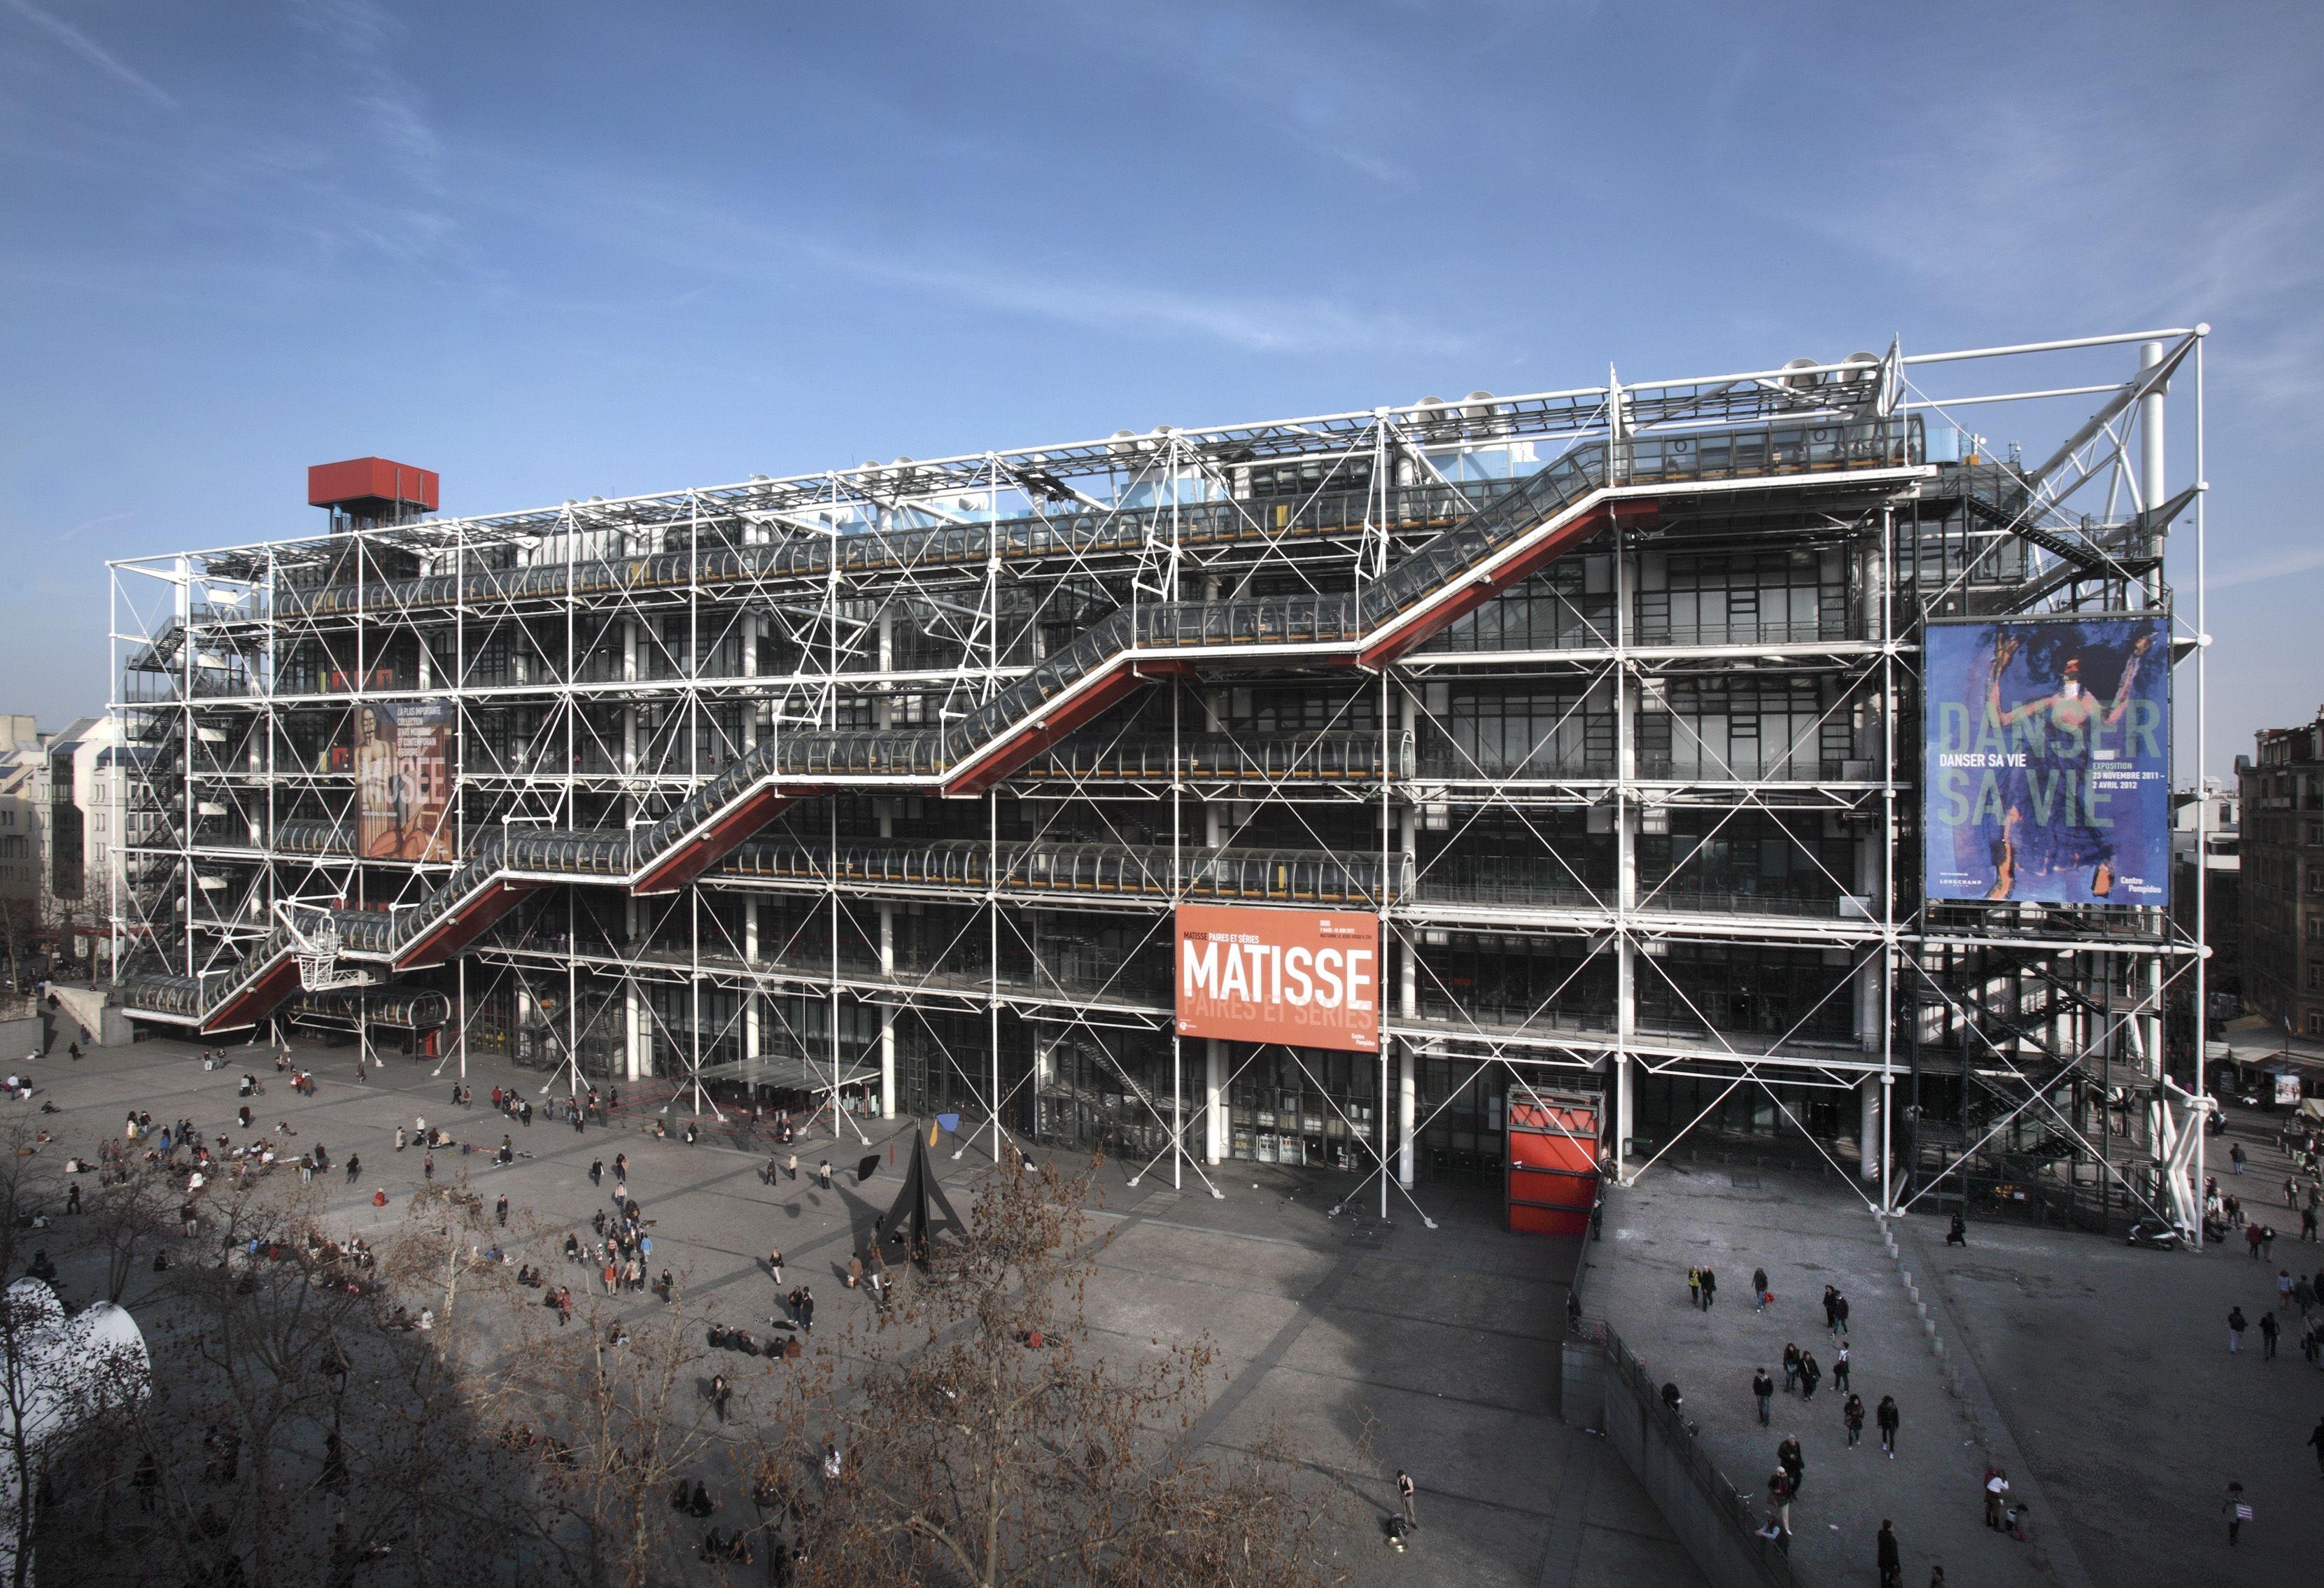 Musee d art moderne centre national d art et de culture for Art minimal centre pompidou